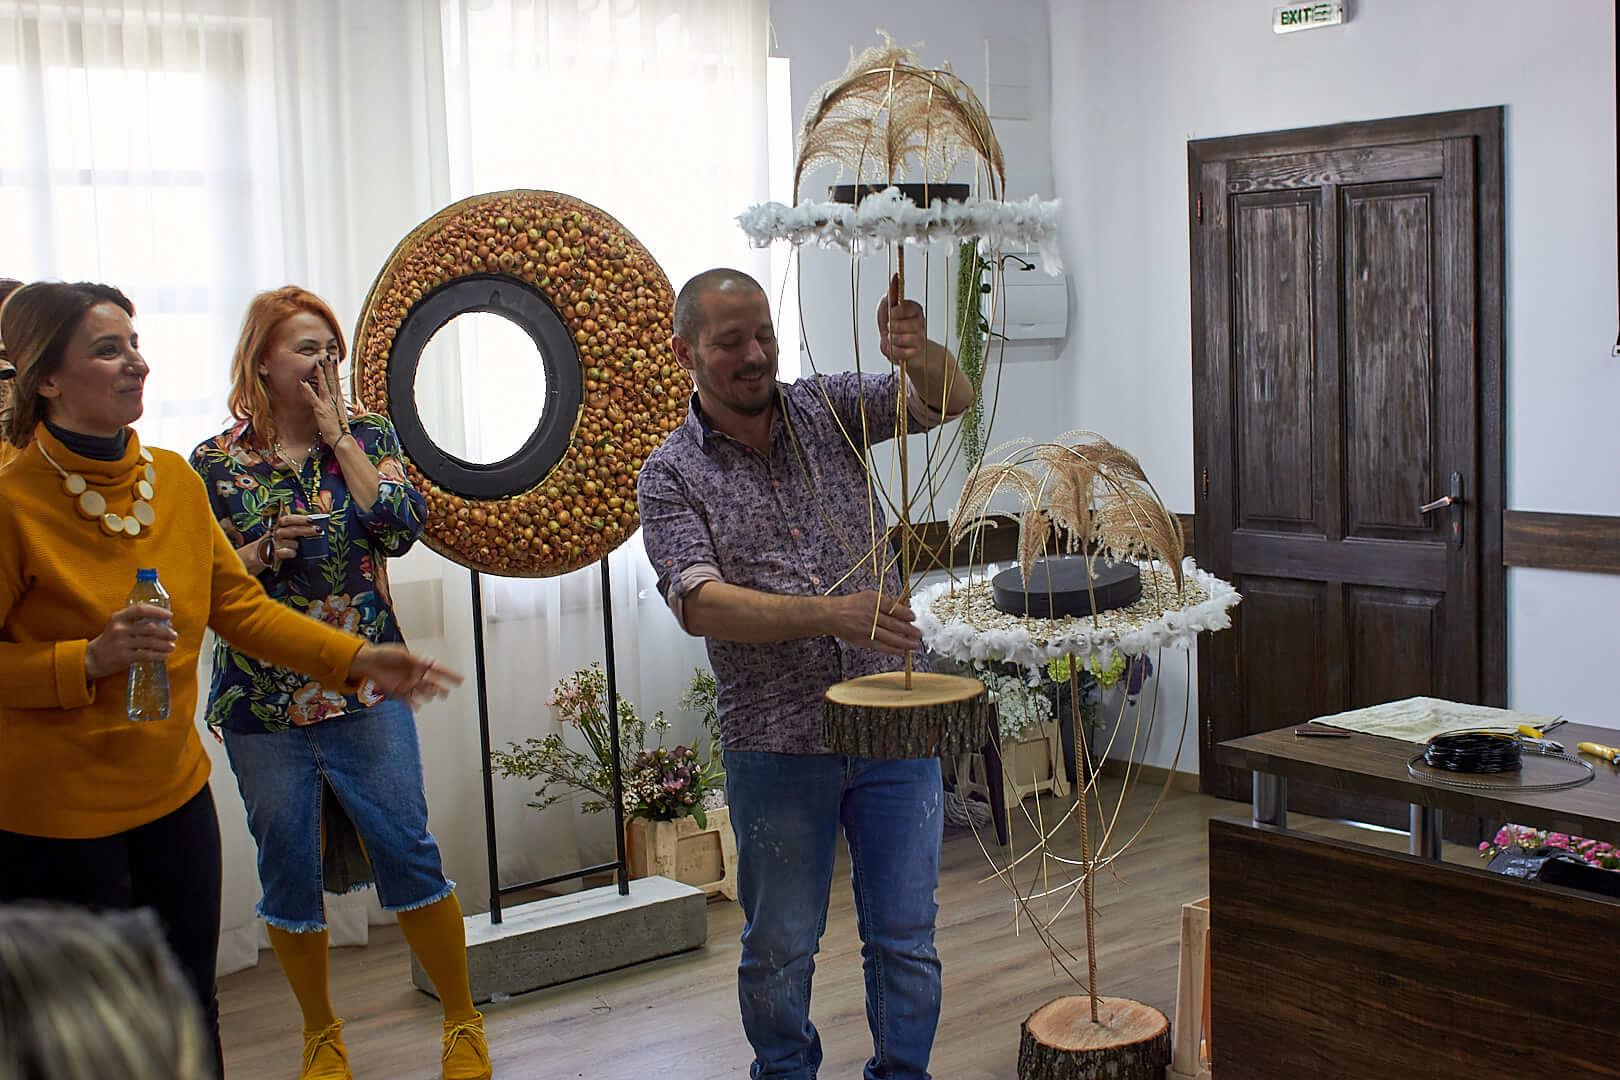 radko_ivanov_chapov_florist_floral_design_floristik_seminar_demo_11